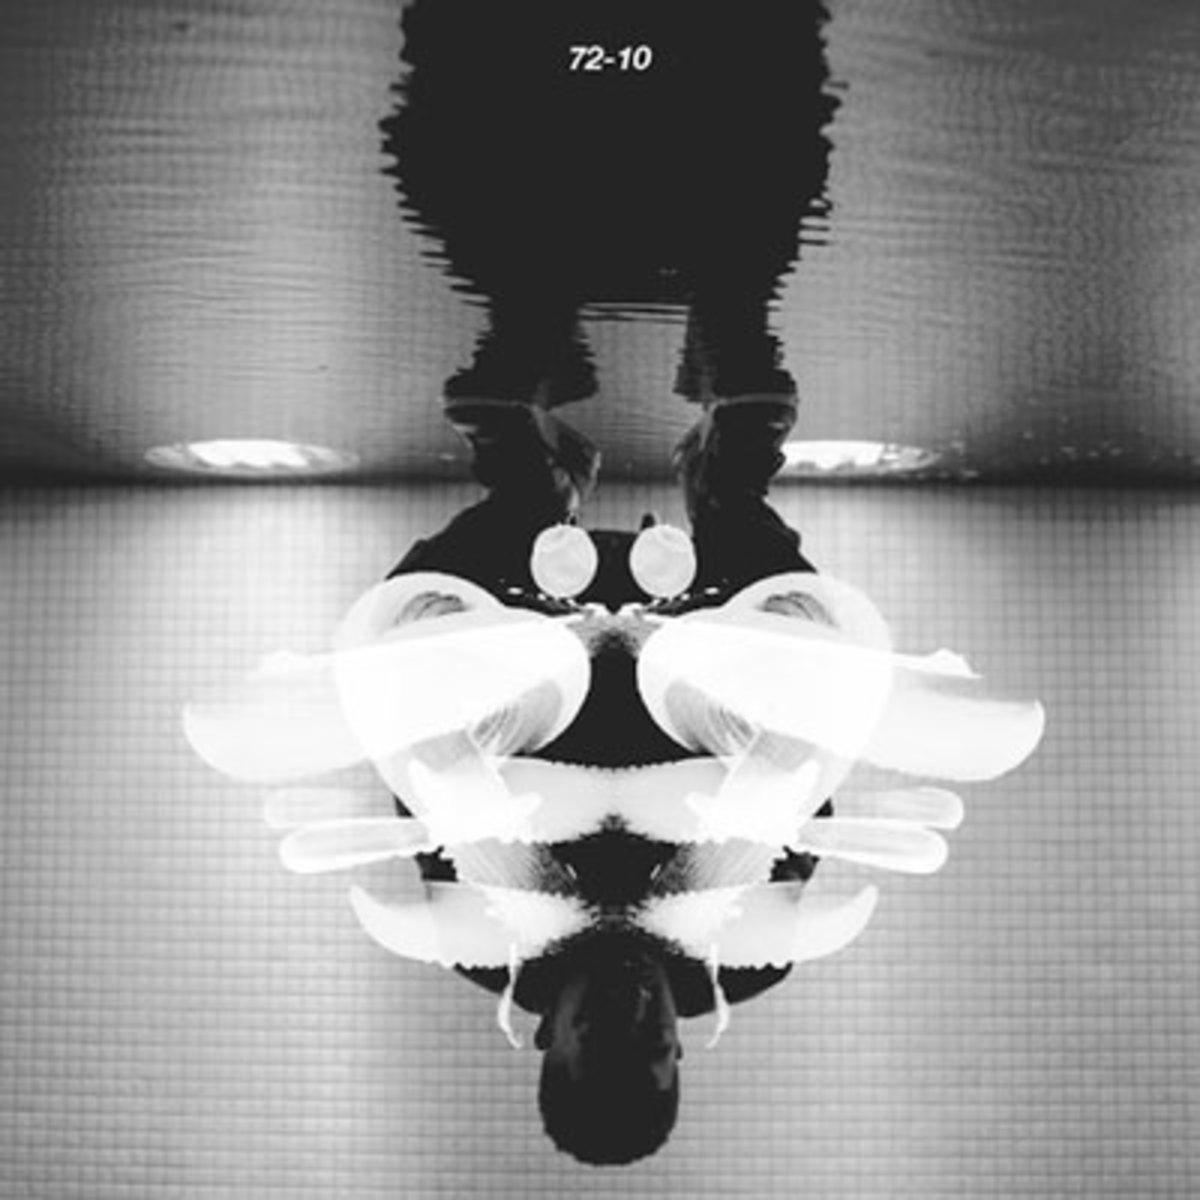 taeast-7210.jpg